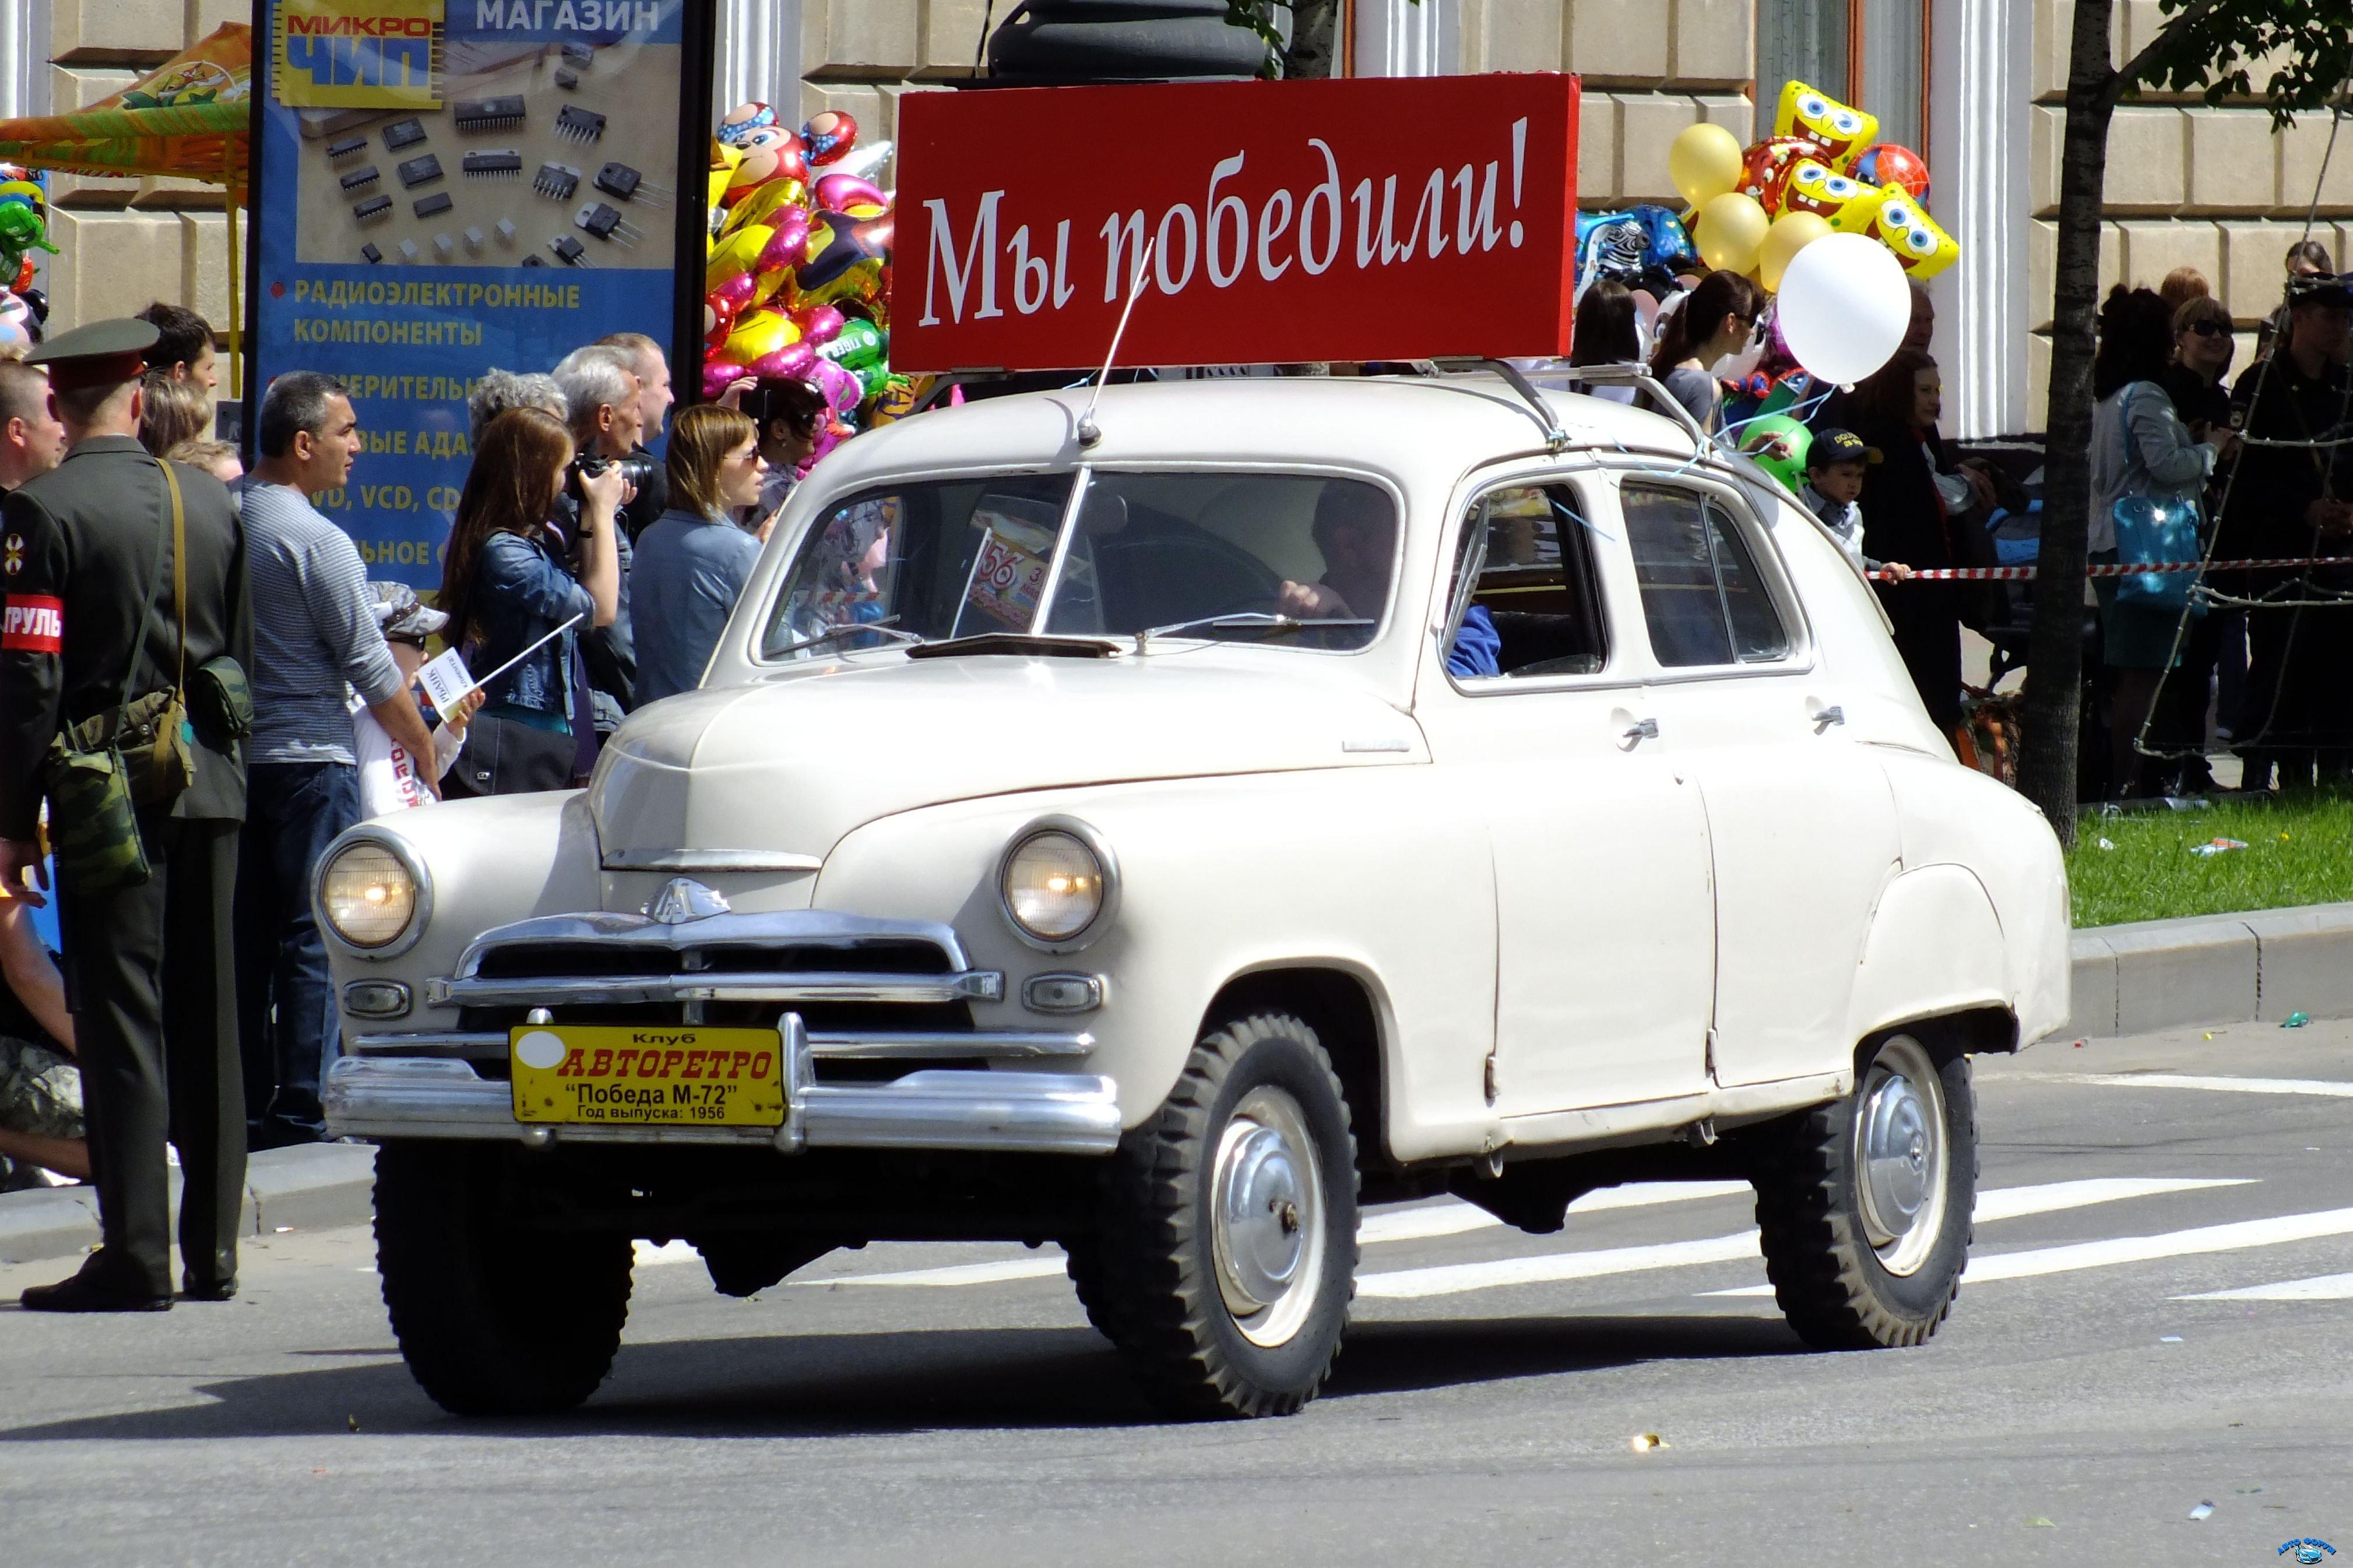 ГАЗ_М-72_Хабаровск_День_города.JPG